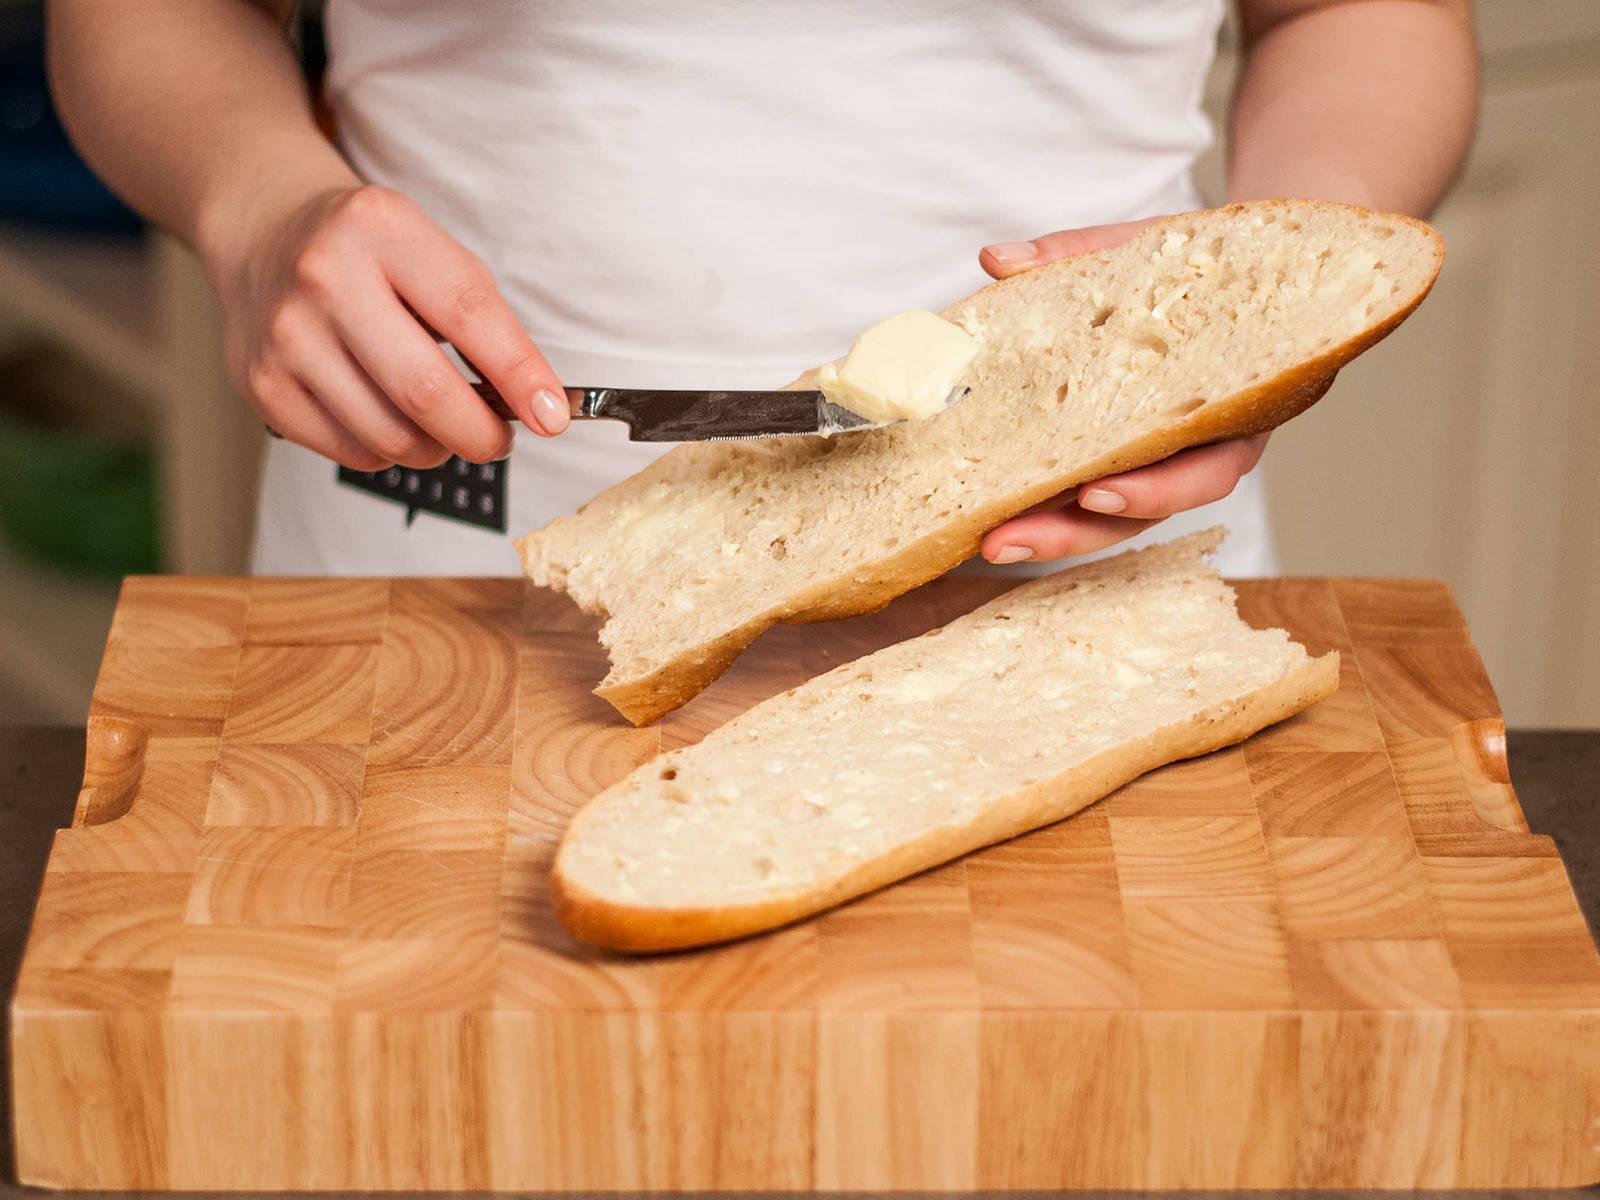 Baguette längs aufschneiden und von beiden Seiten kurz auf den Grill legen, bis es knusprig ist. Das gegrillte Baguette mit etwas Butter bestreichen und mit der übrigen Knoblauchzehe einreiben. Anschließend mit dem Camembert und nach Geschmack mit Gemüsesticks servieren.